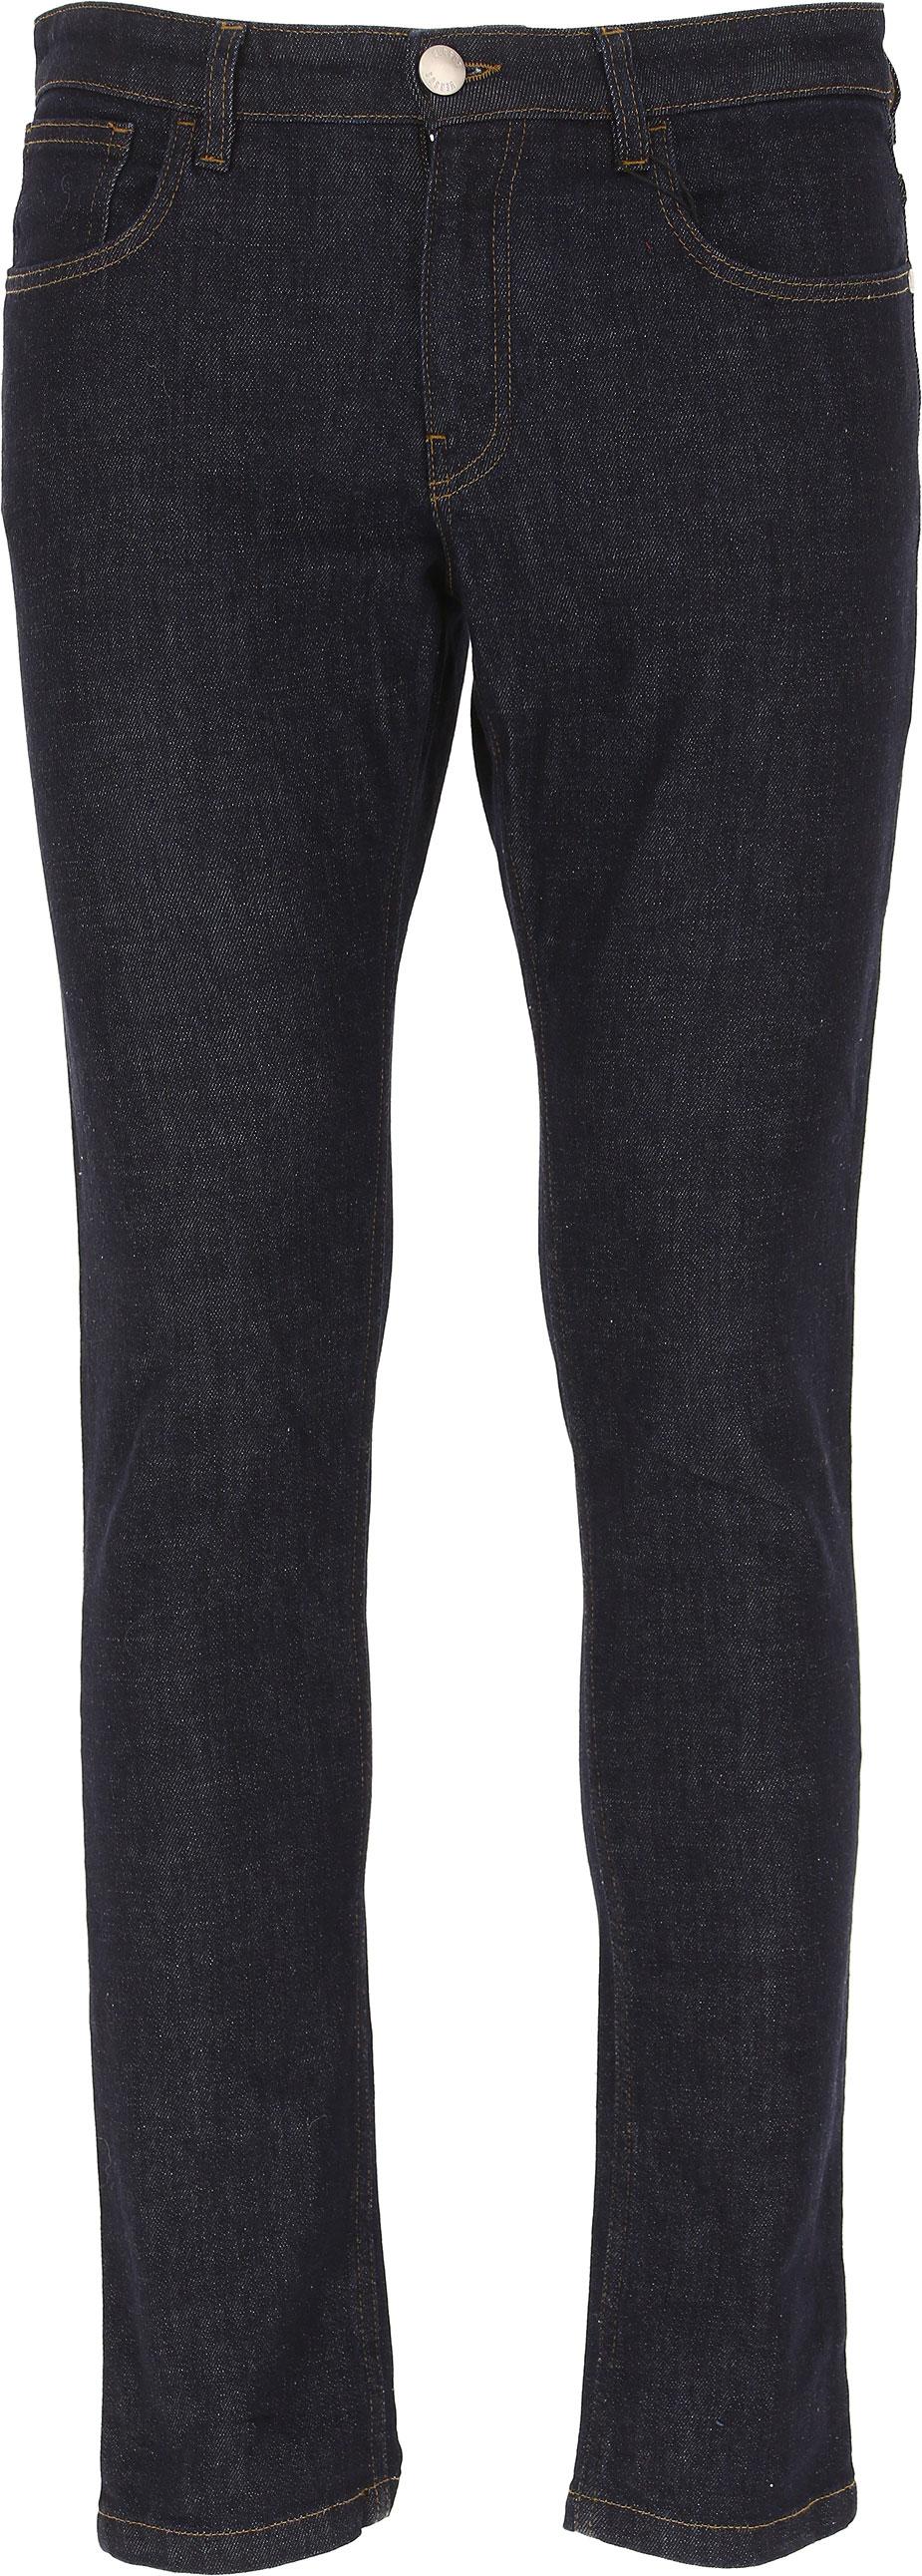 Abbigliamento Uomo Versace, Codice Articolo: bu40425-bt20997-b8393